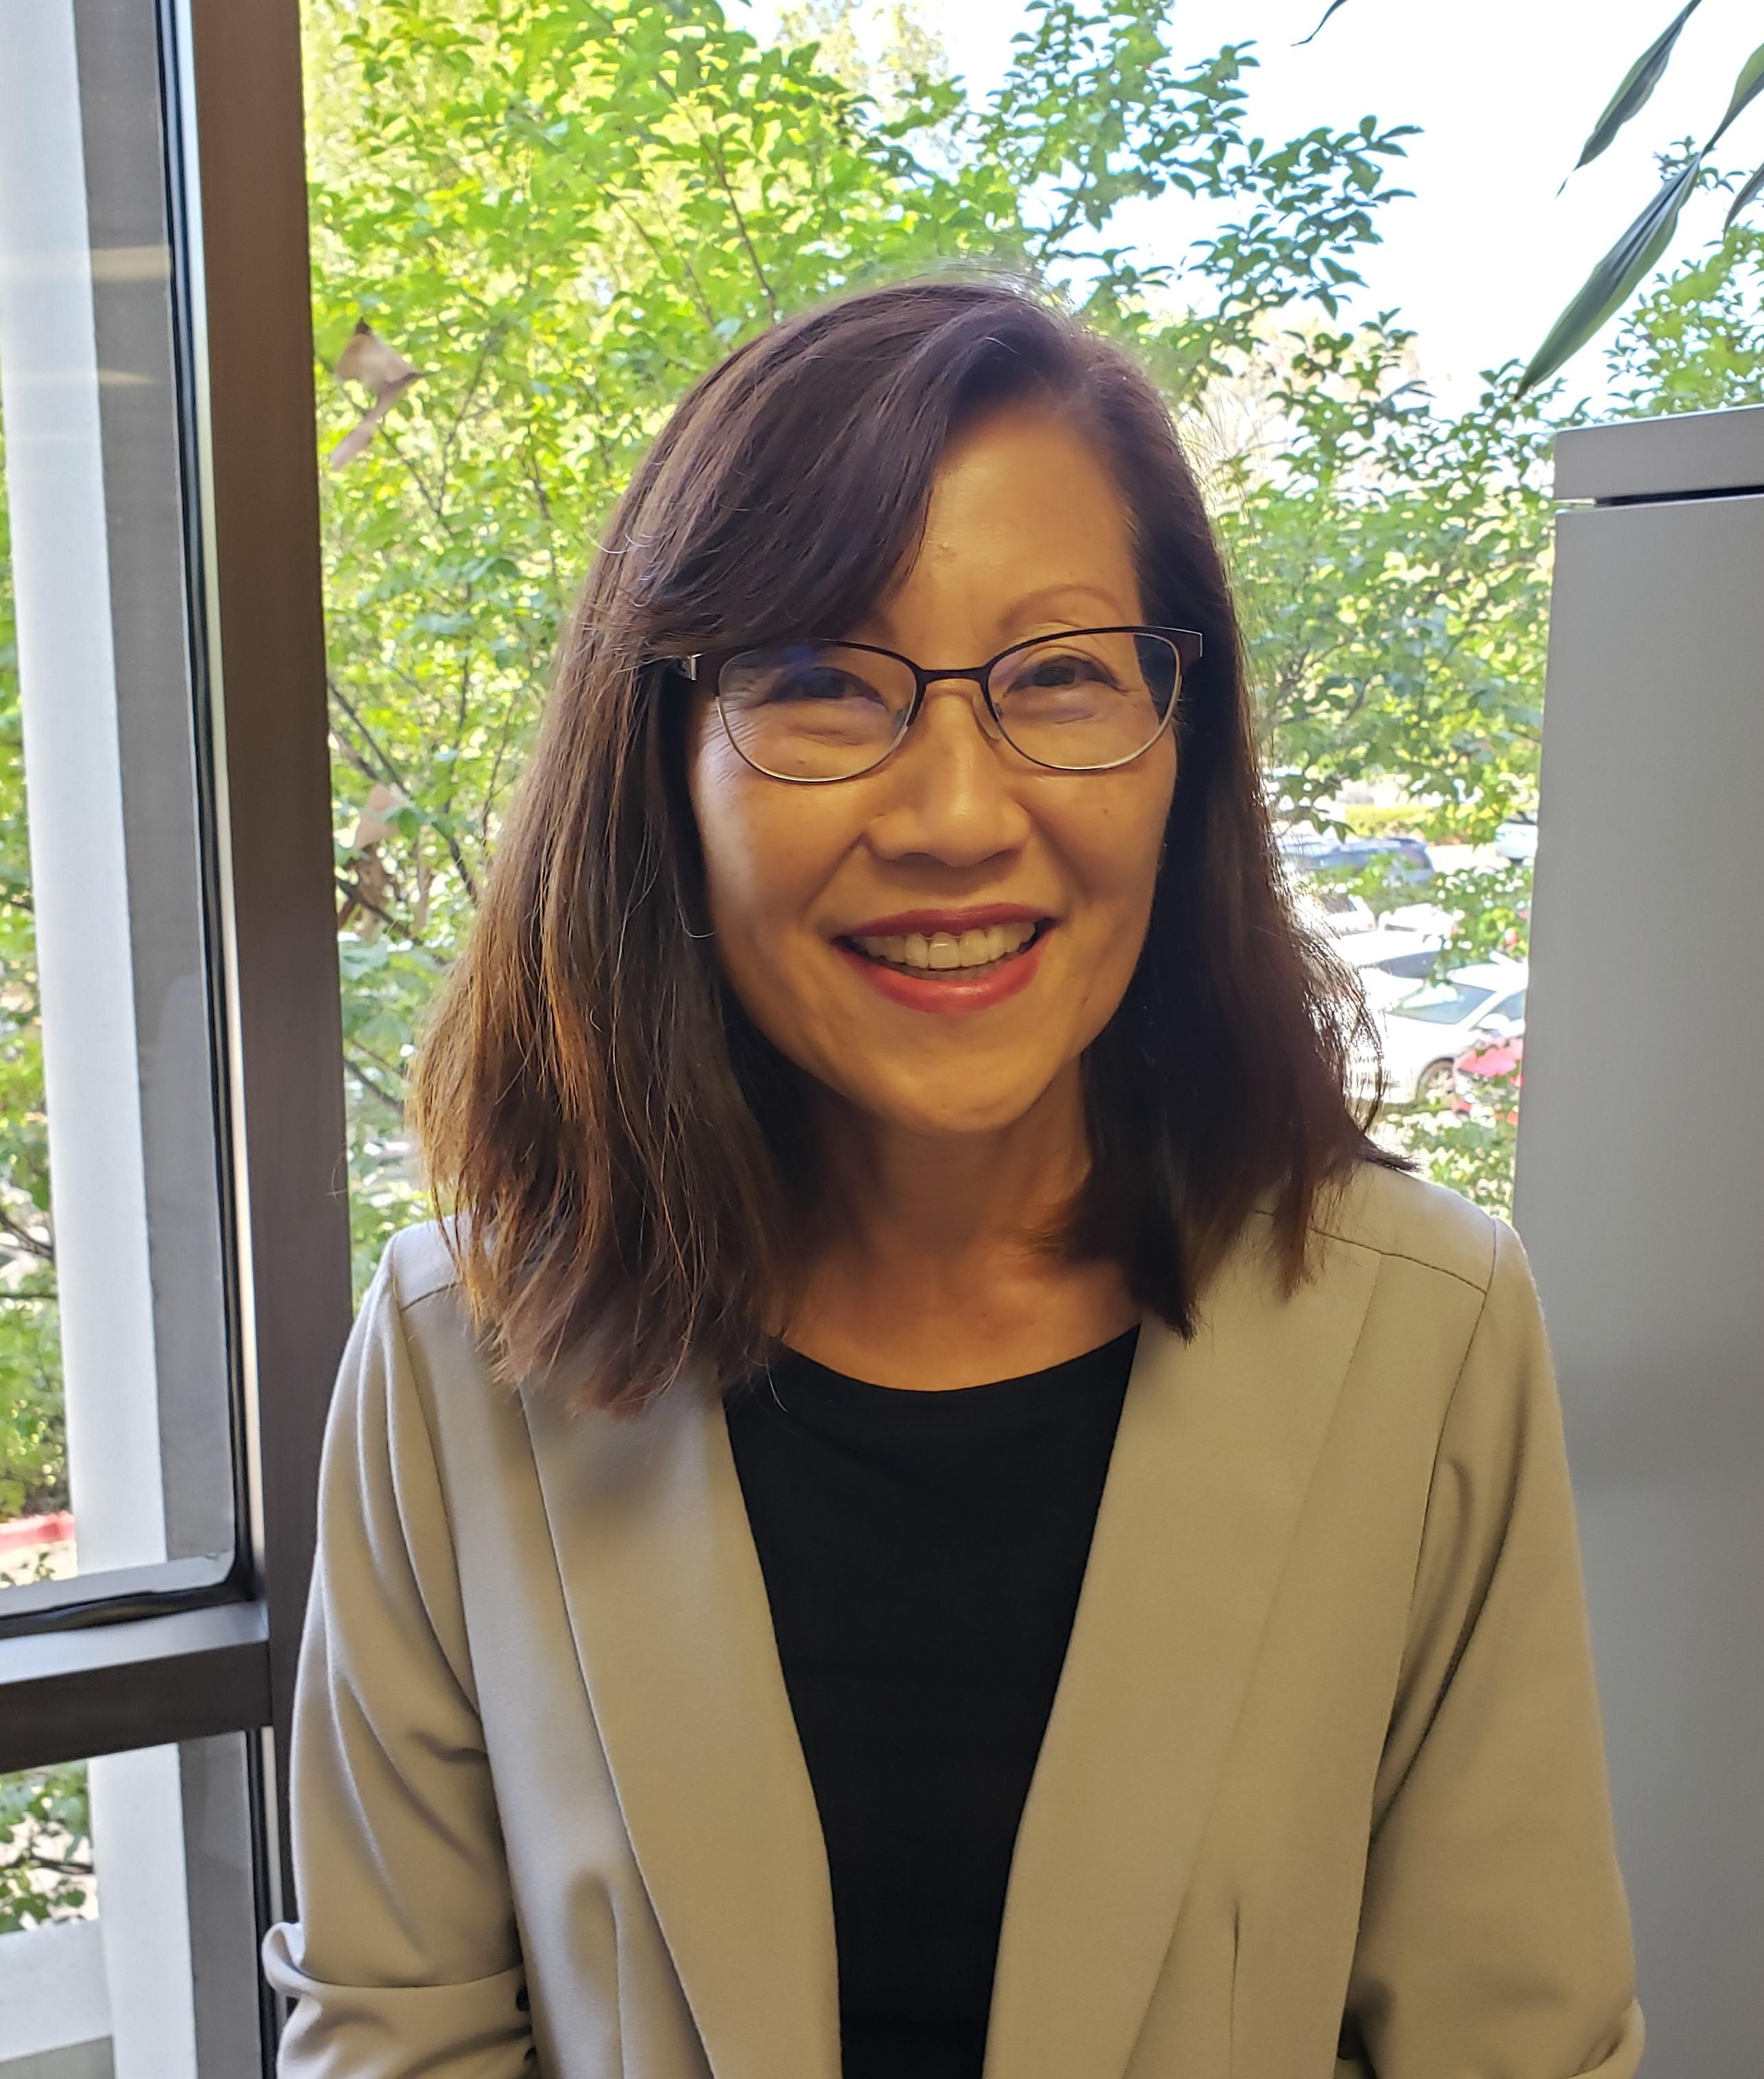 Sharon Koshiyama